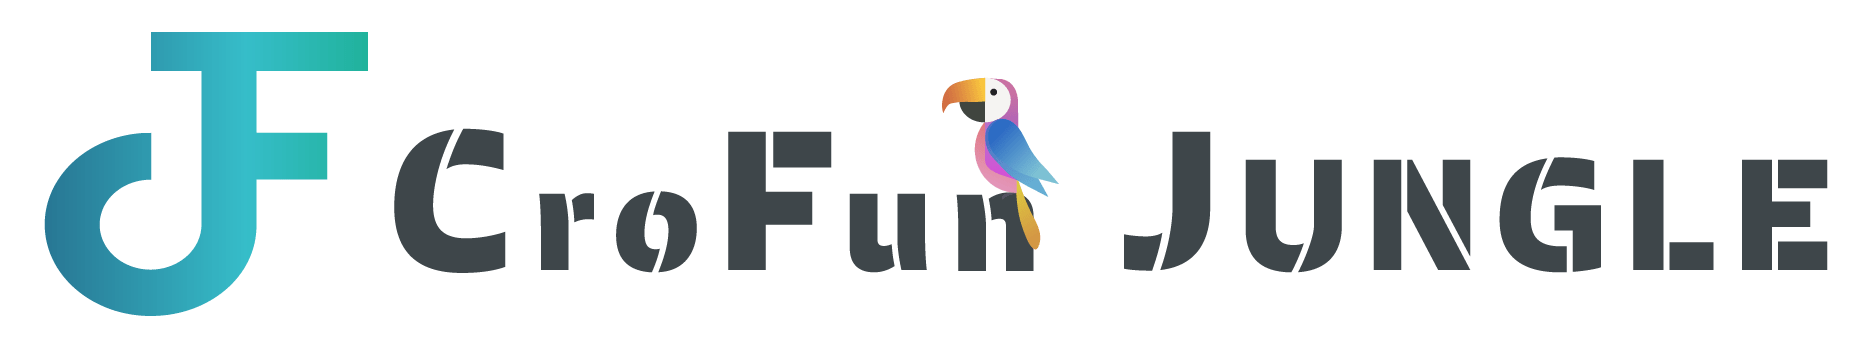 CroFun JUNGLE / クラファンジャングル